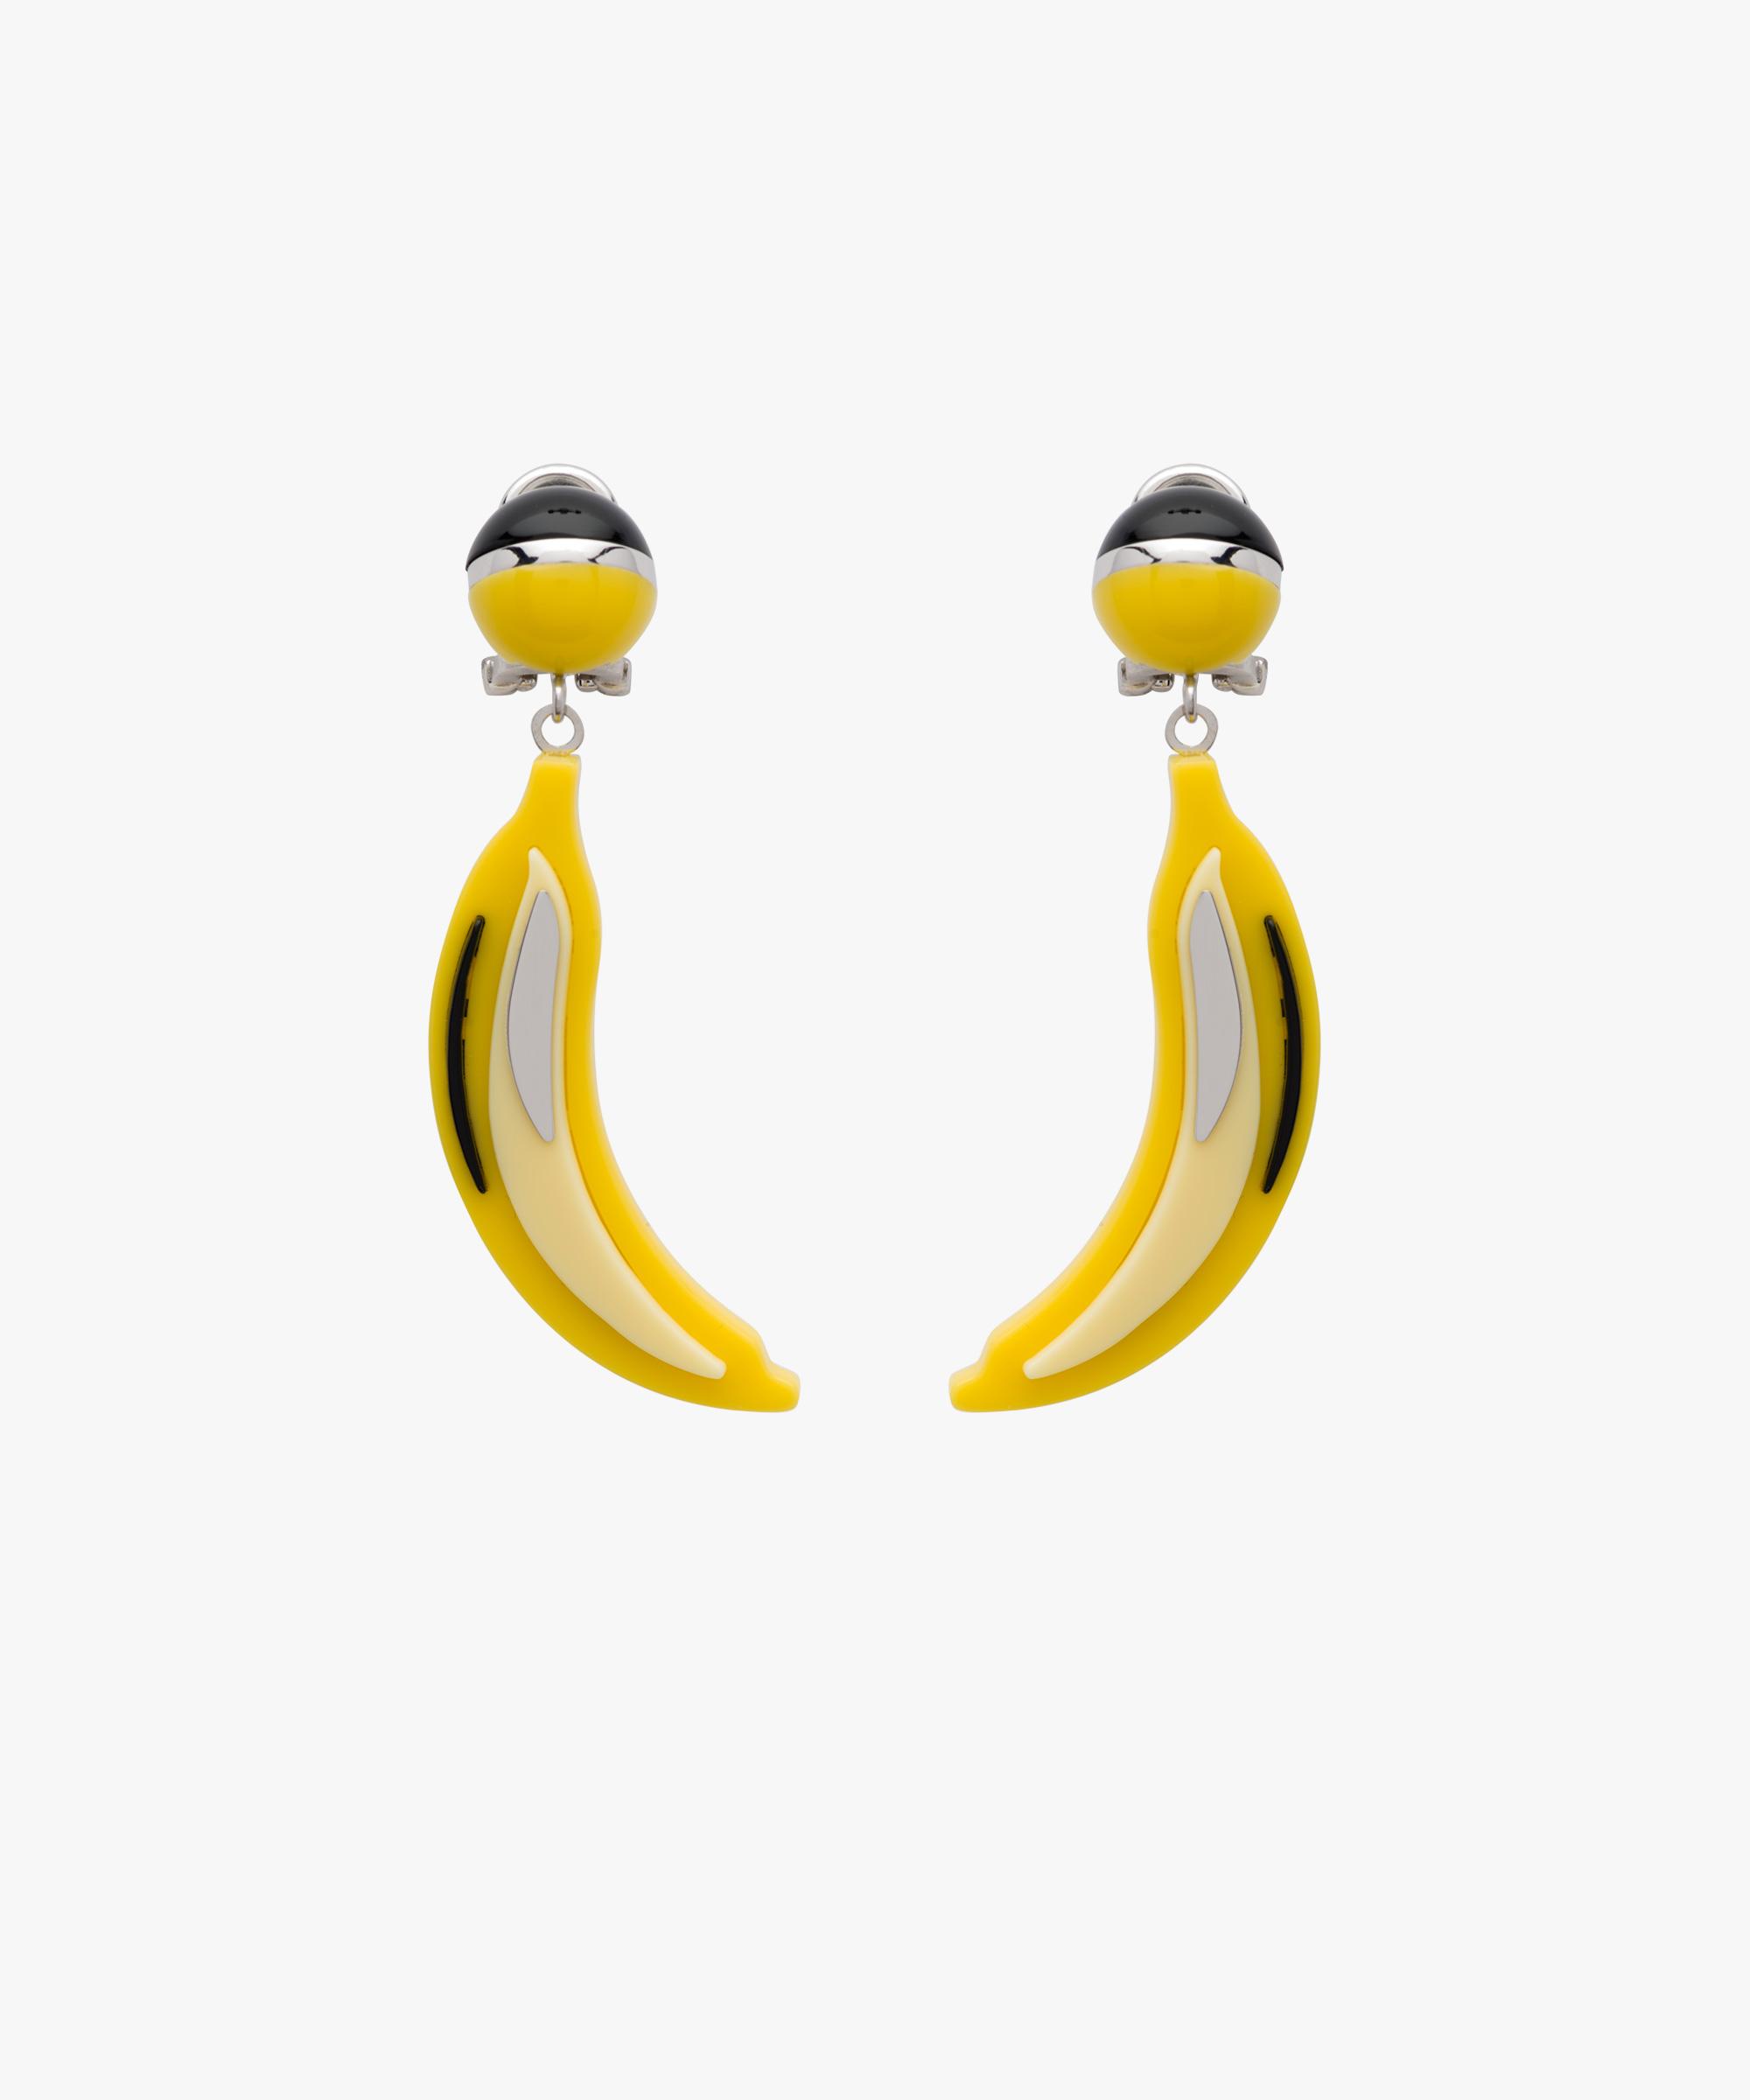 Prada Prada Pop Earrings KsuENMHy